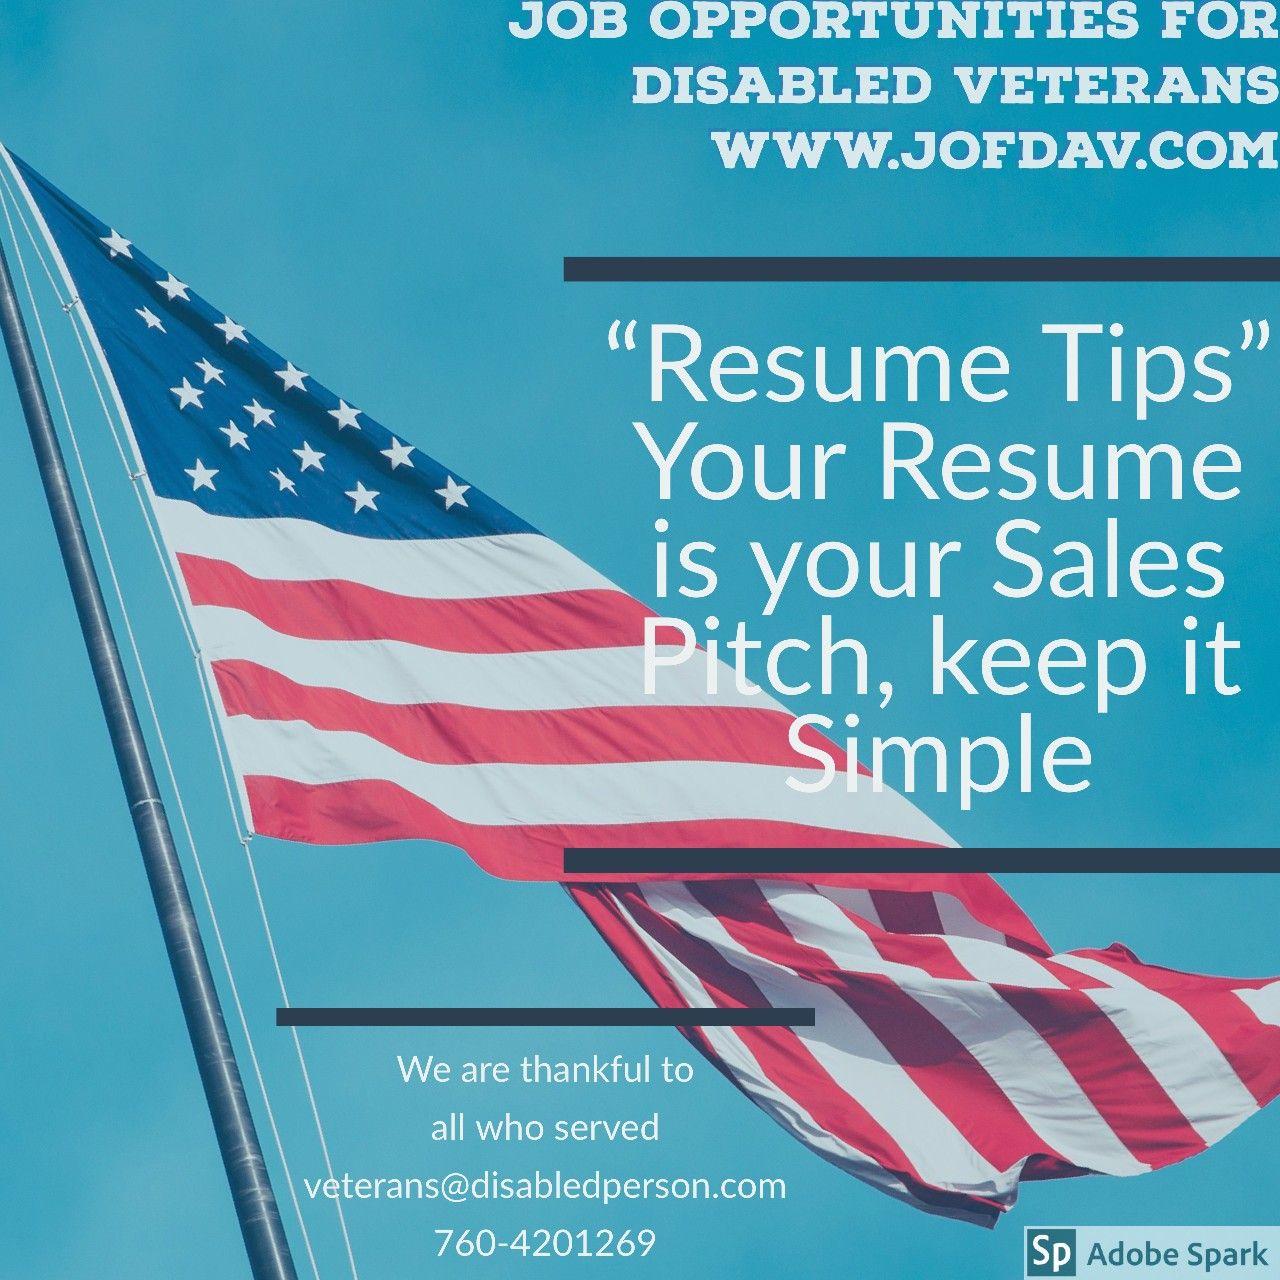 Job opportunities for disabled veterans